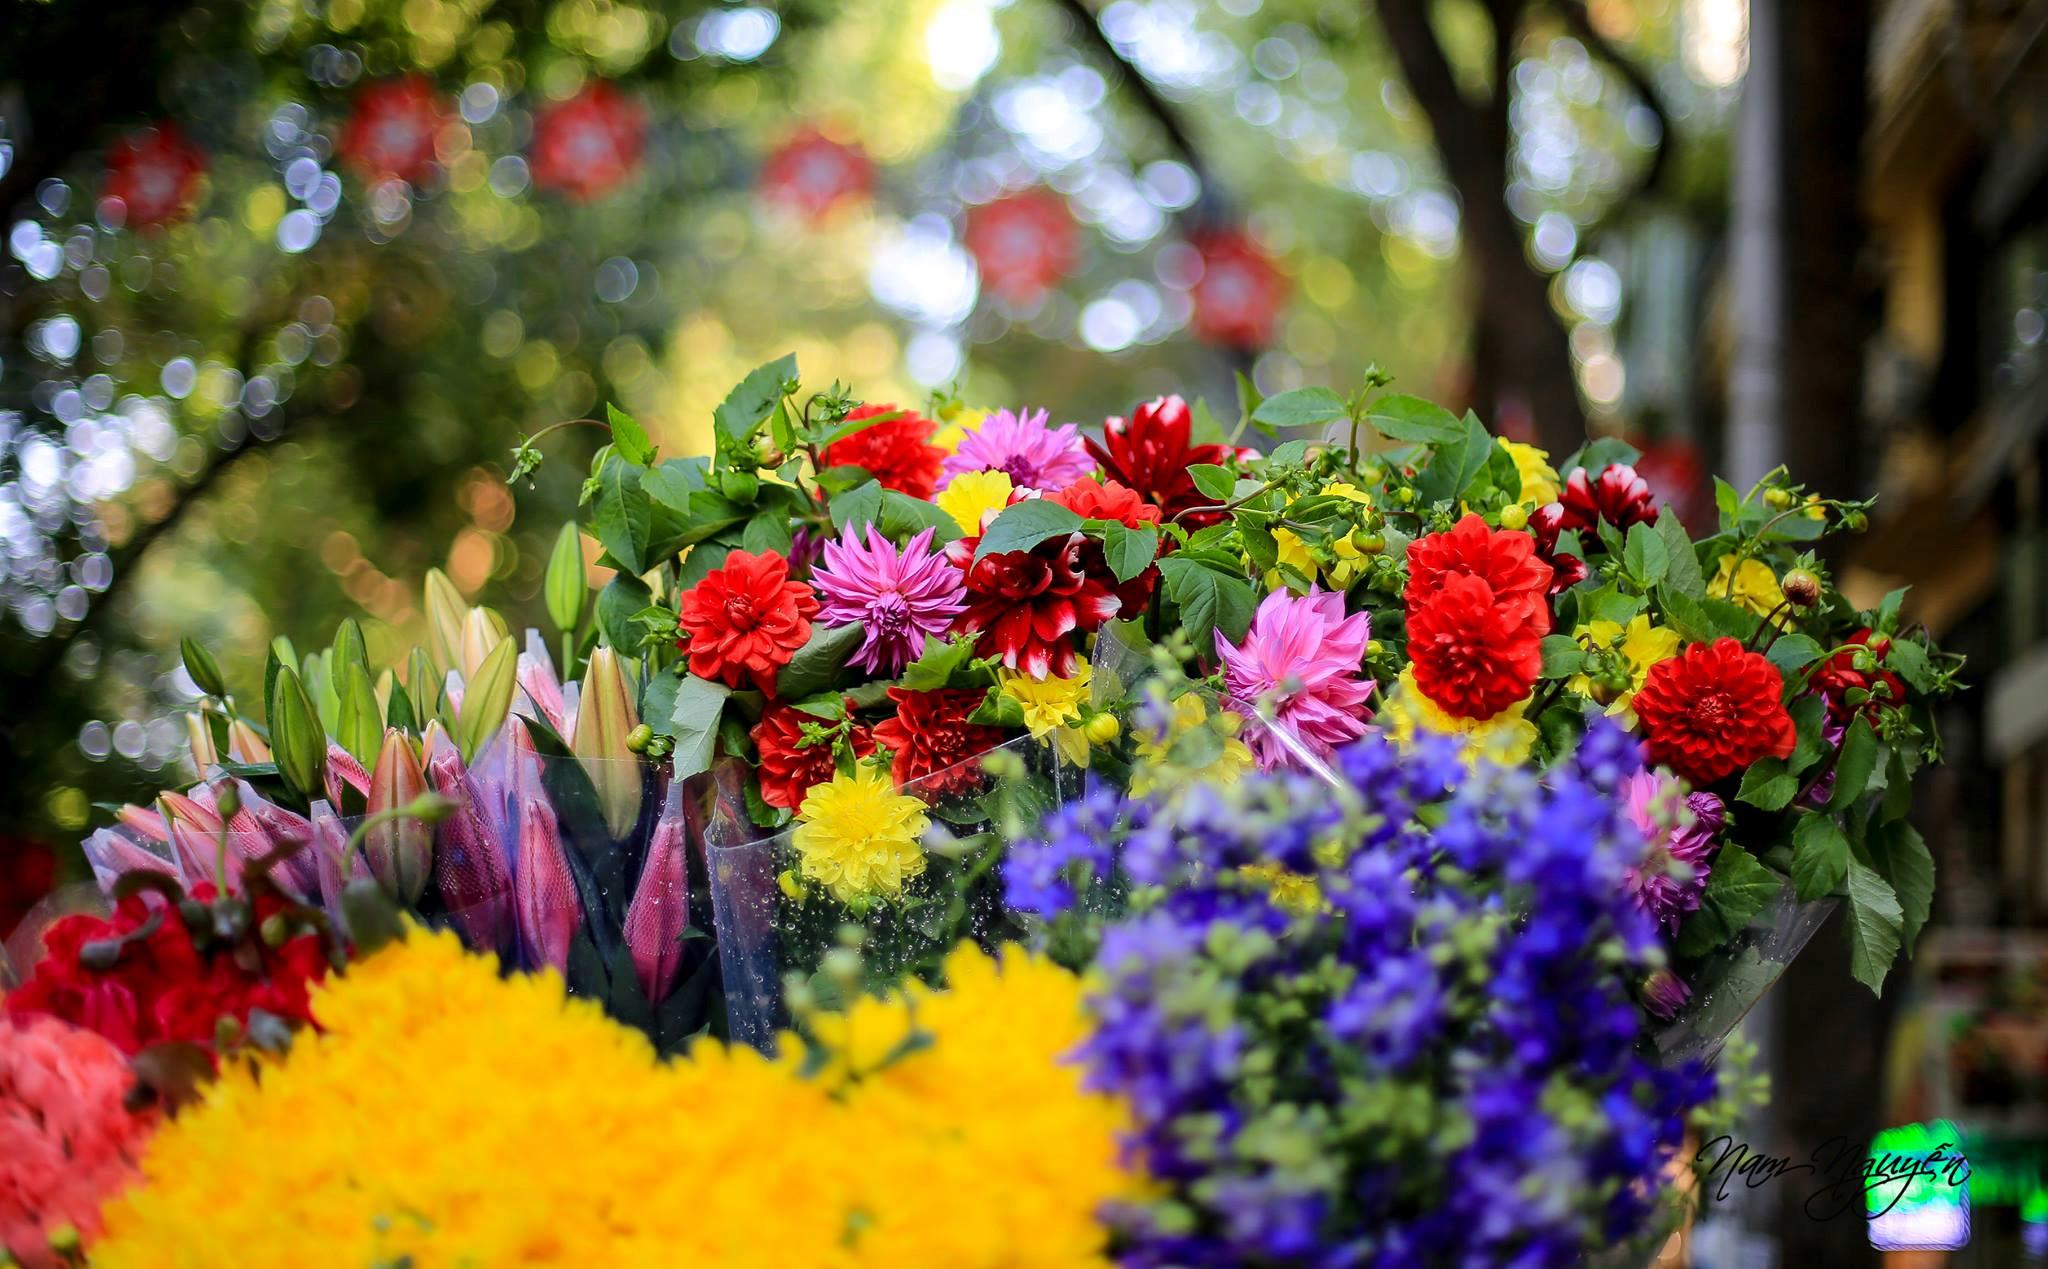 Thời tiết Tết Nguyên đán được đánh giá là đẹp. Ảnh minh họa: Nam Nguyễn. \u201c